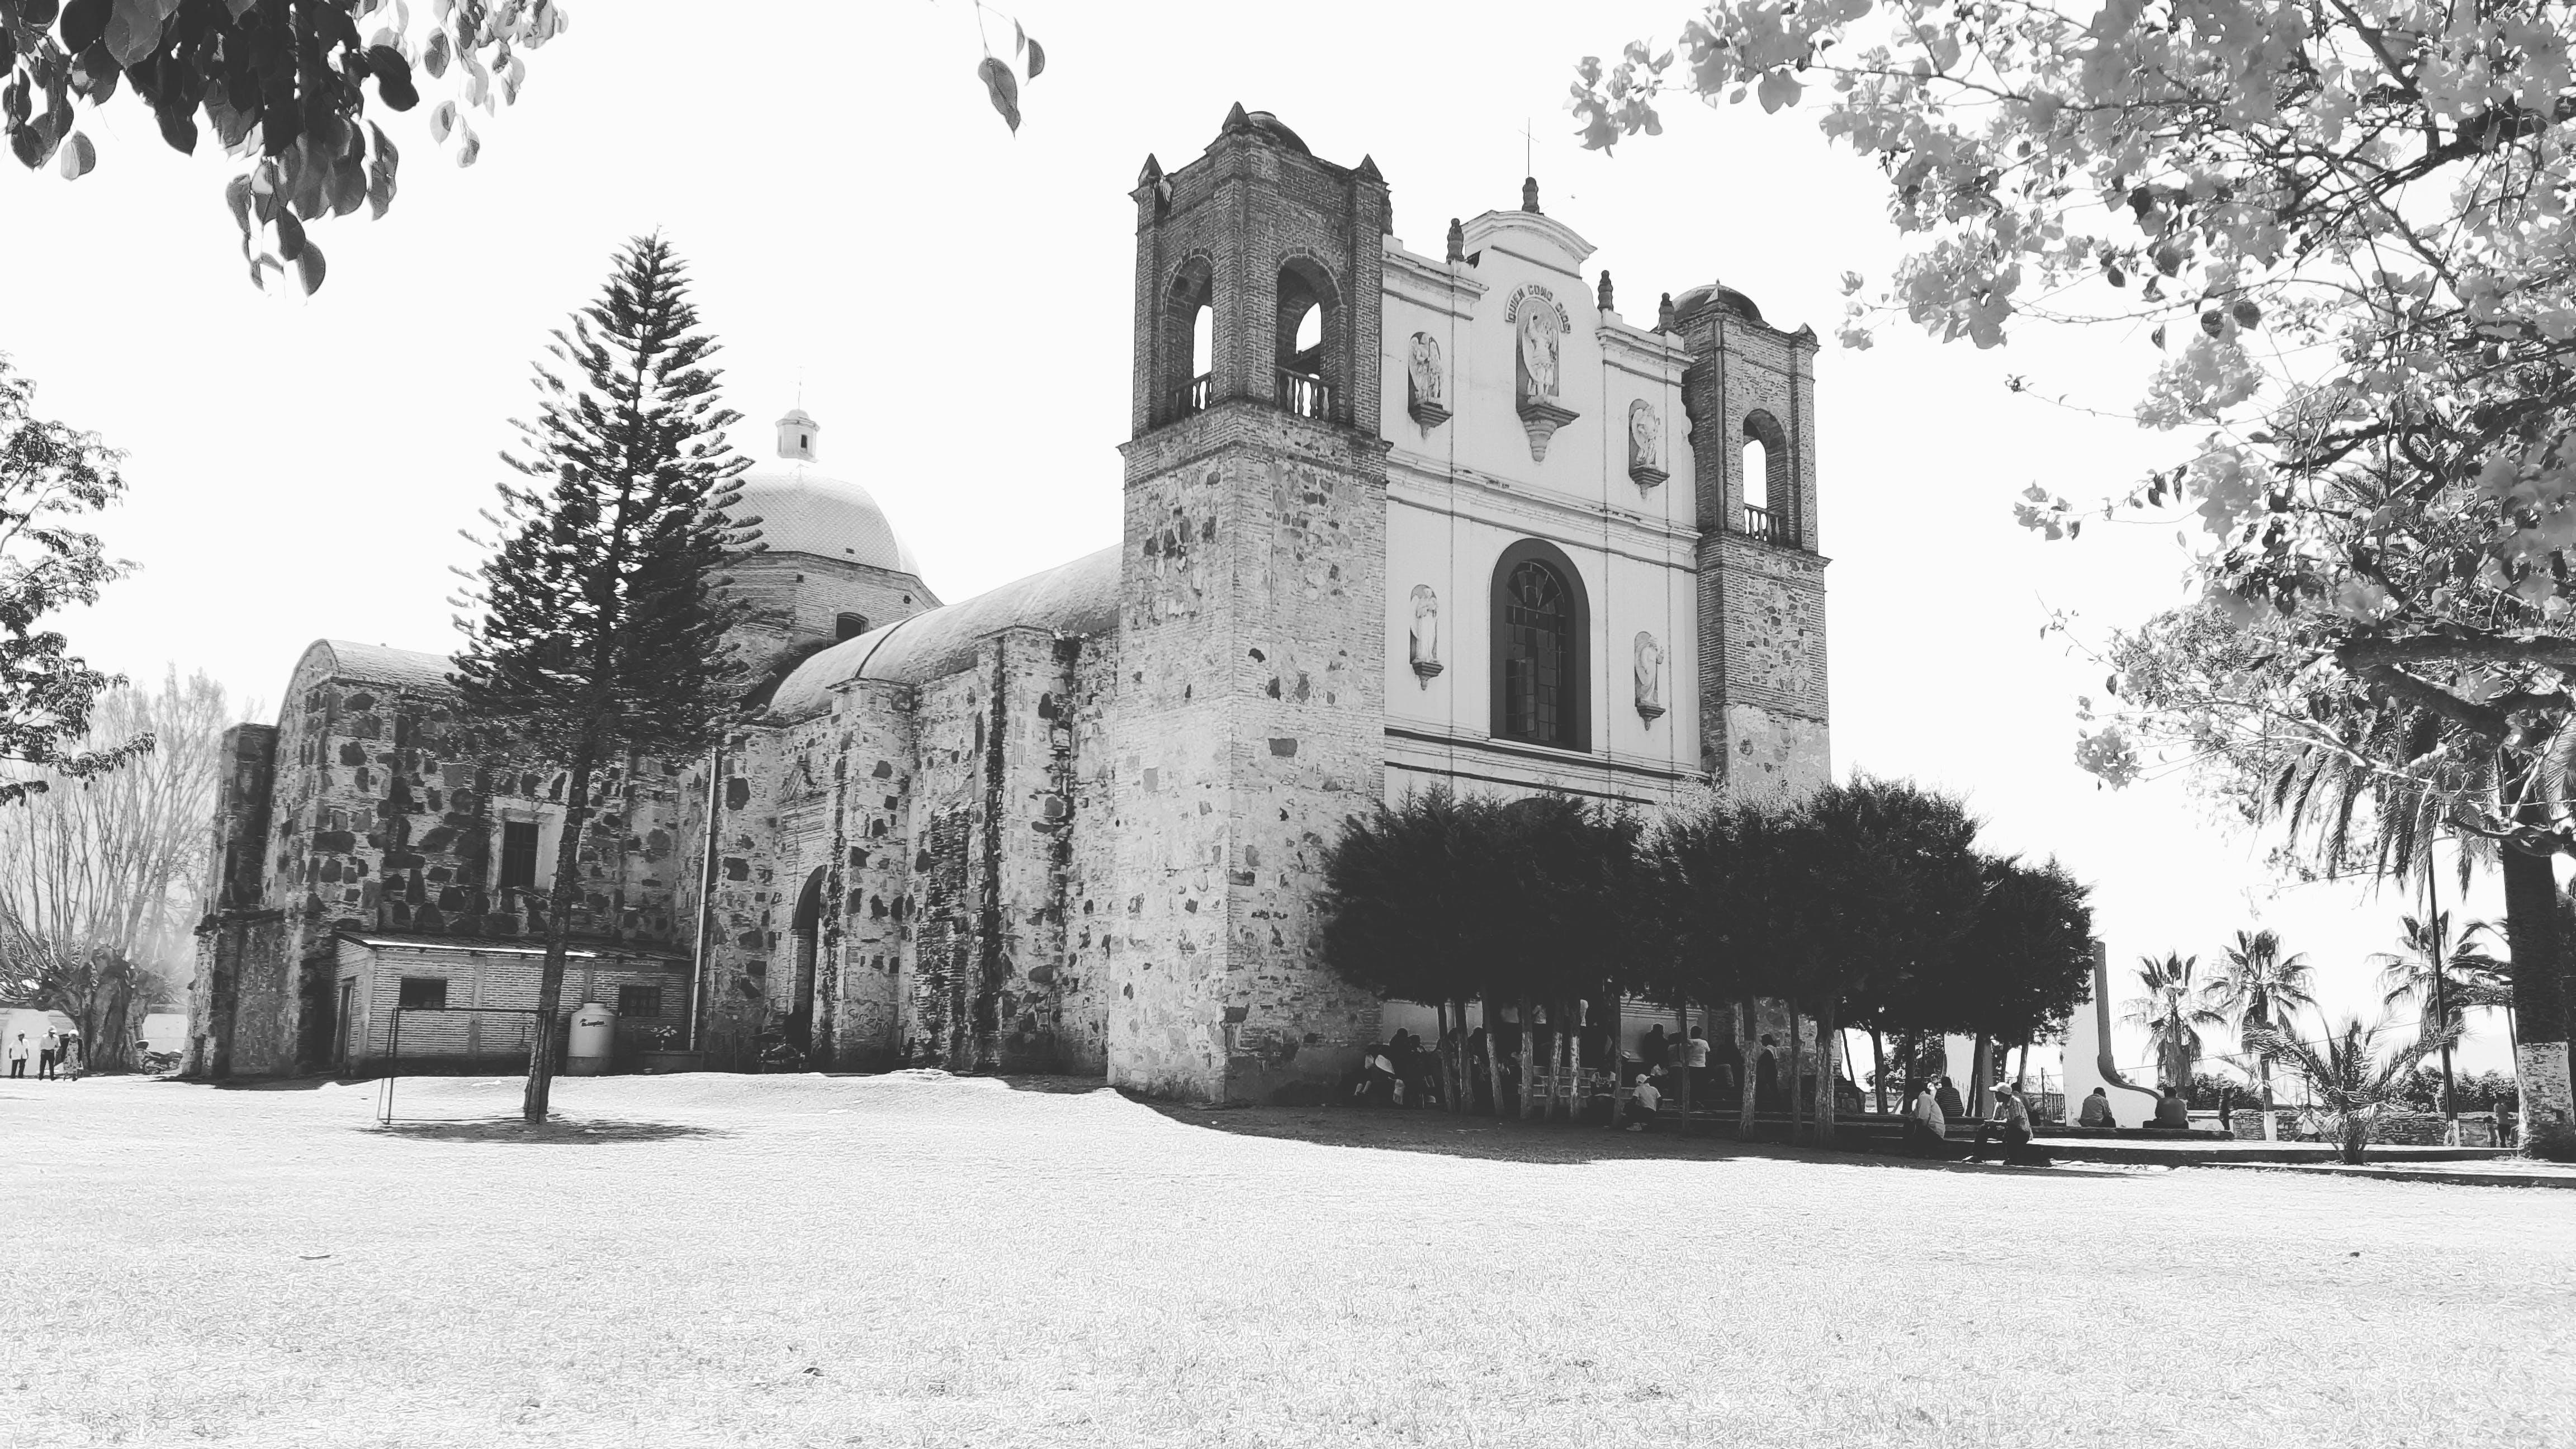 Δωρεάν στοκ φωτογραφιών με αρχιτεκτονική, ασπρόμαυρο, εκκλησία, κτήριο